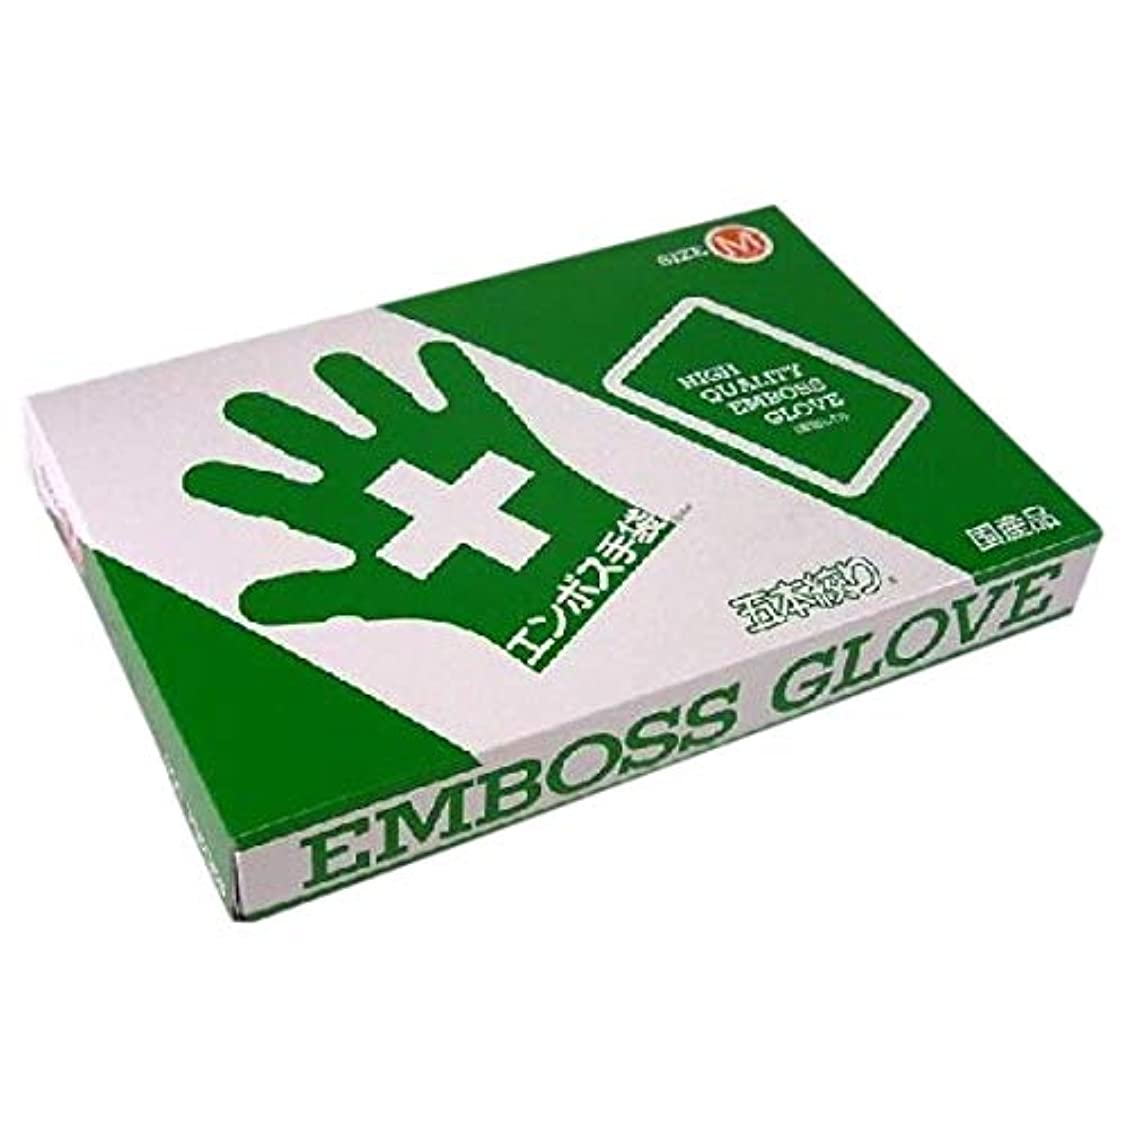 ソケットいちゃつく教育するエンボス手袋 5本絞り(使い捨て手袋国産品) 東京パック M 200枚入